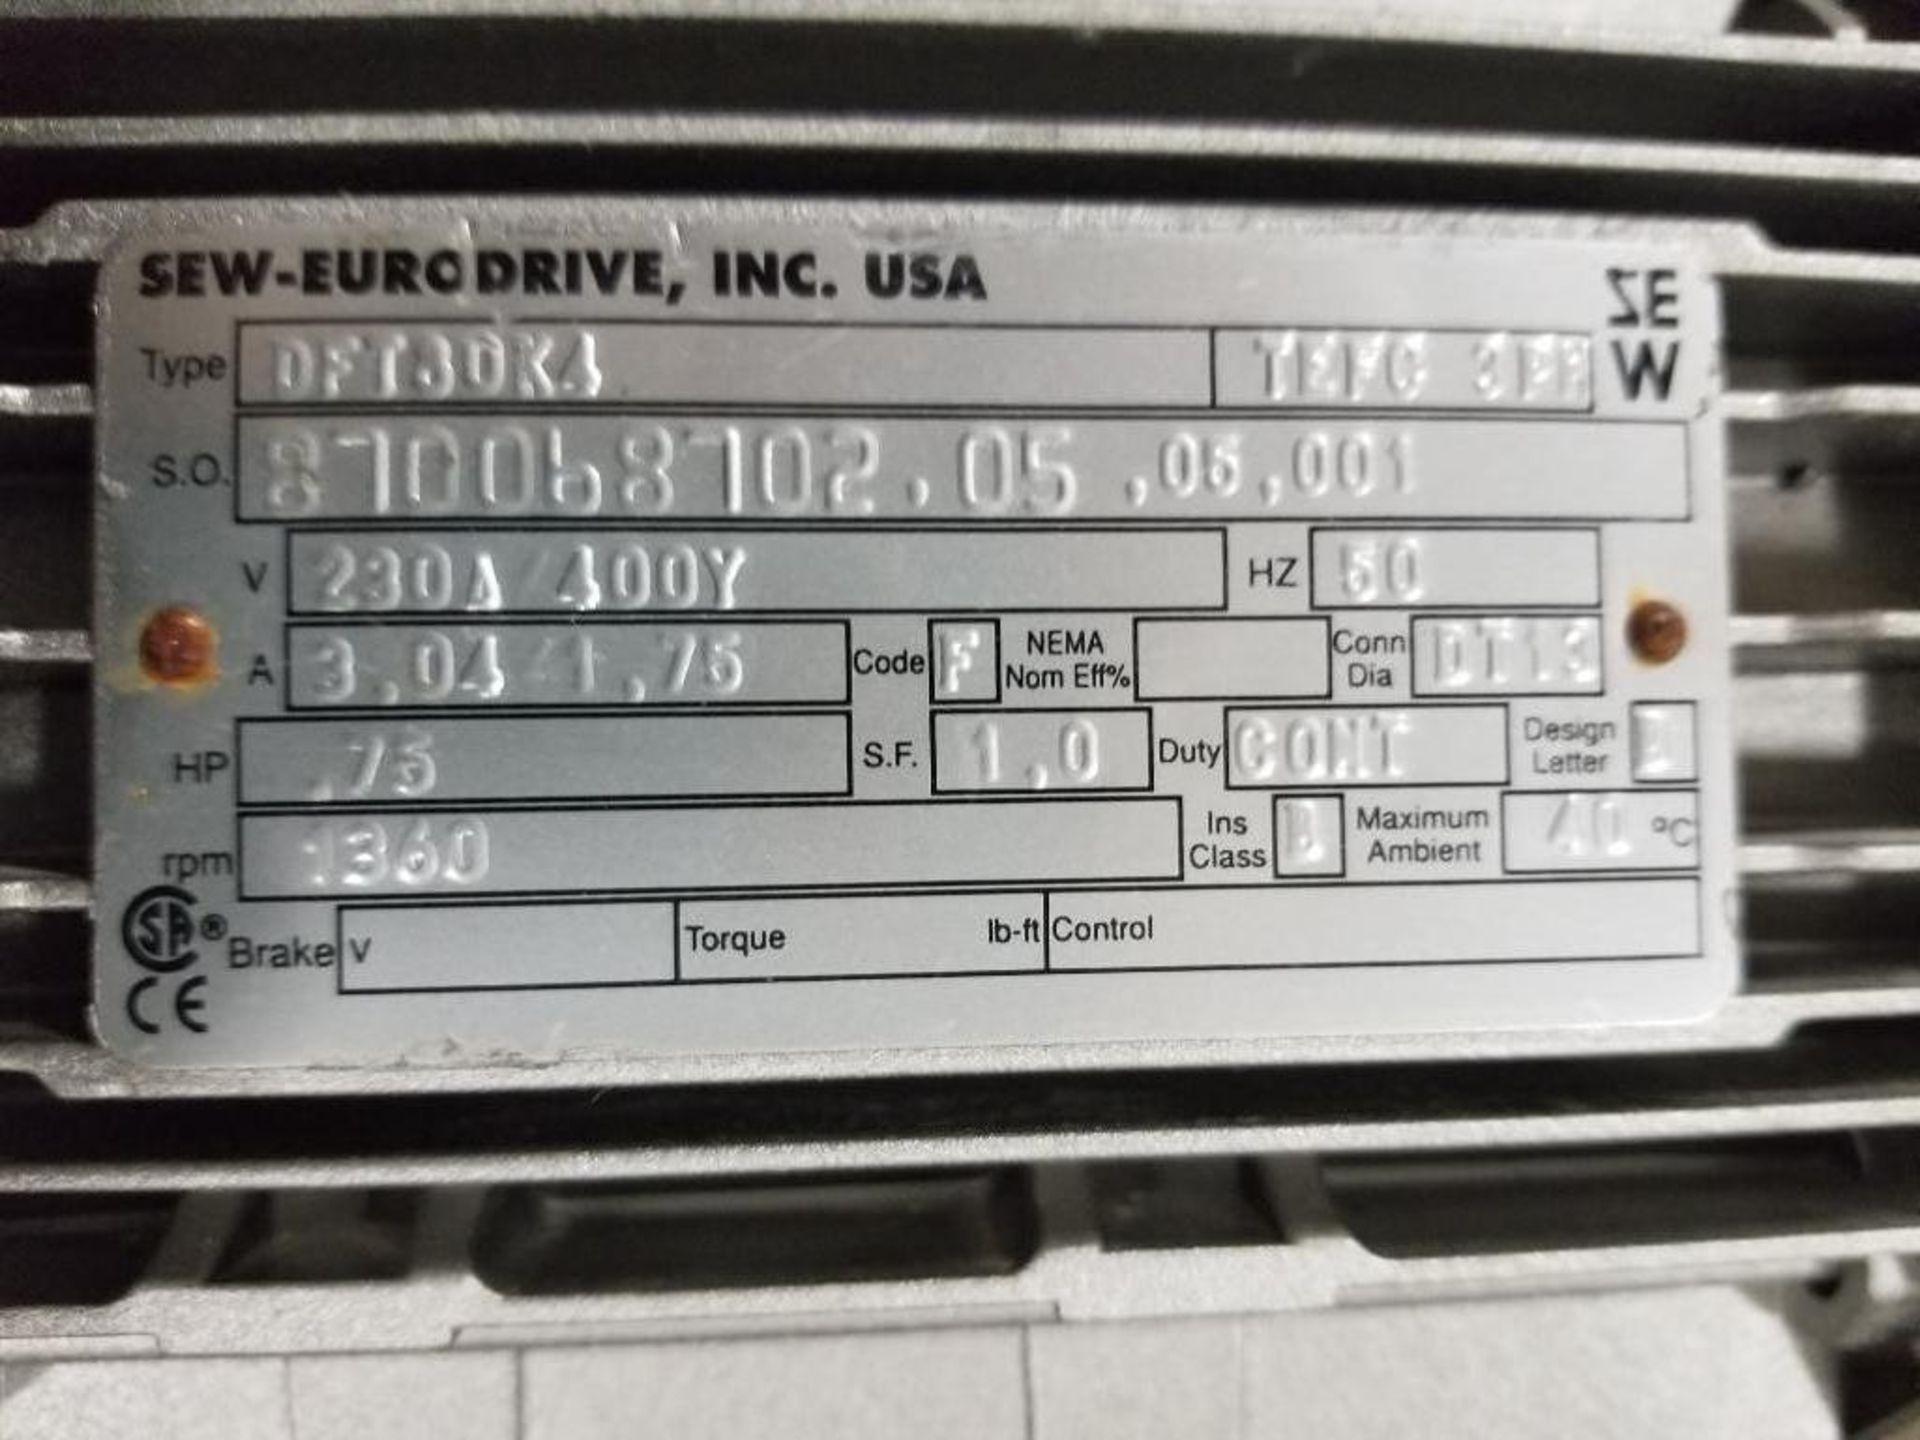 .75HP Sew-Eurodrive DFT80K4 motor. 230/400V, 1360RPM. - Image 3 of 3